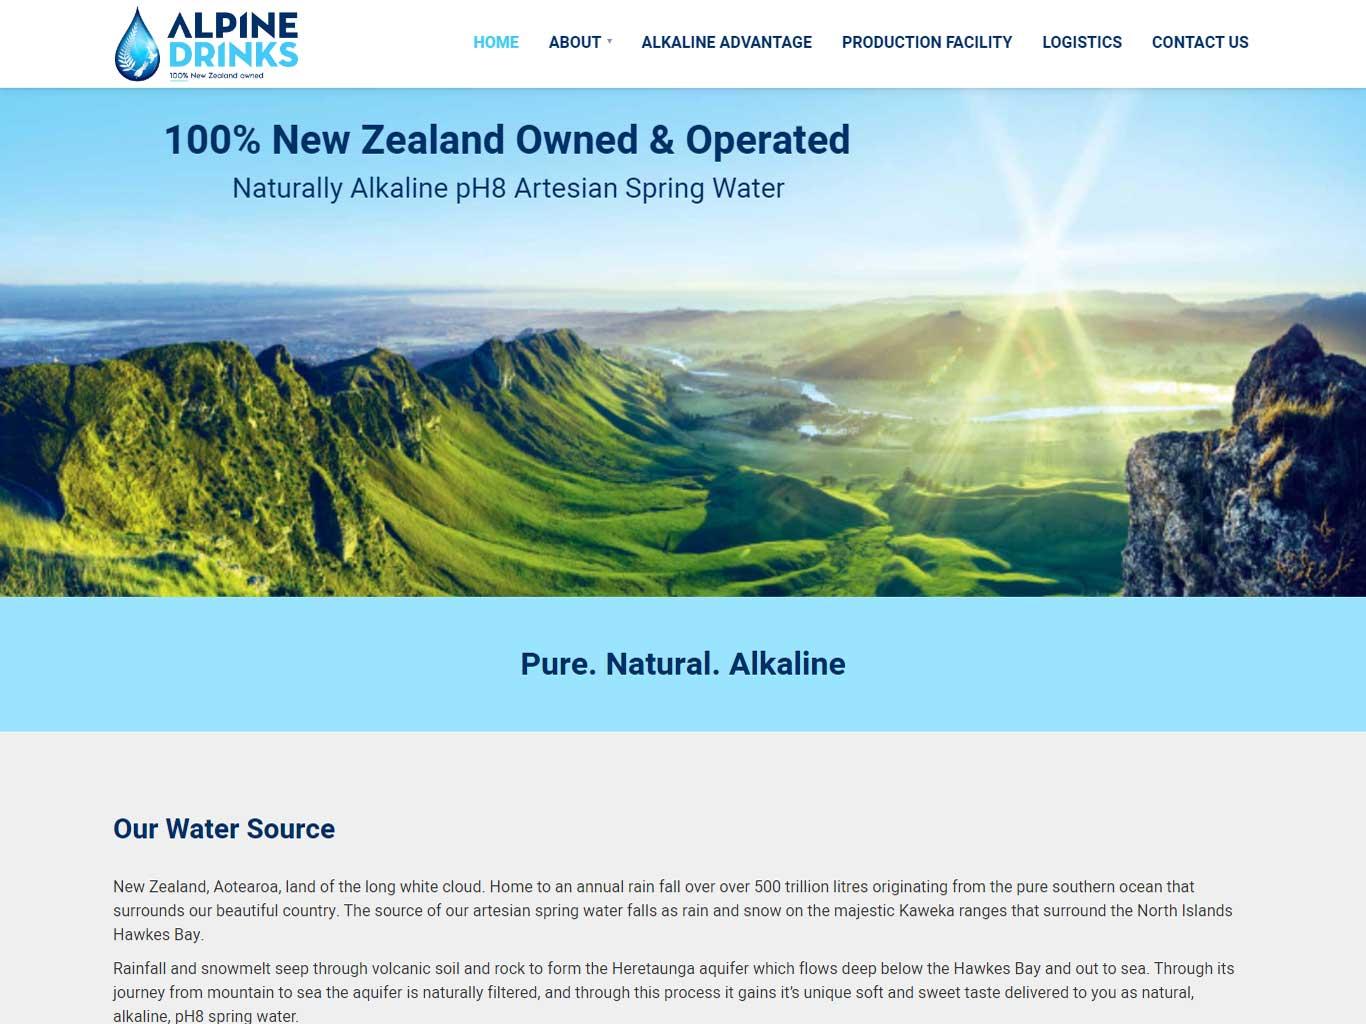 Alpine Drinks